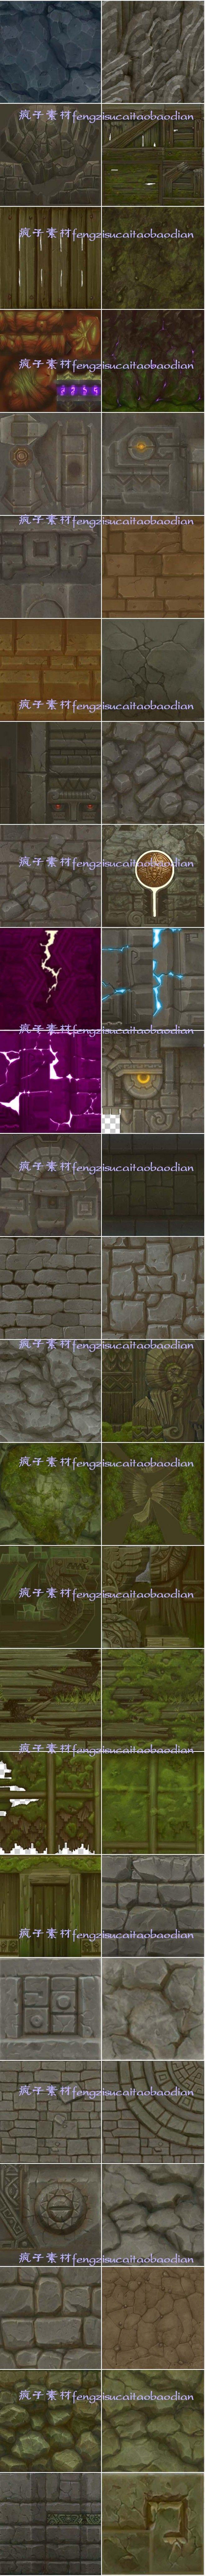 游戏美术资源 巫师之怒手绘风全套场景贴图...